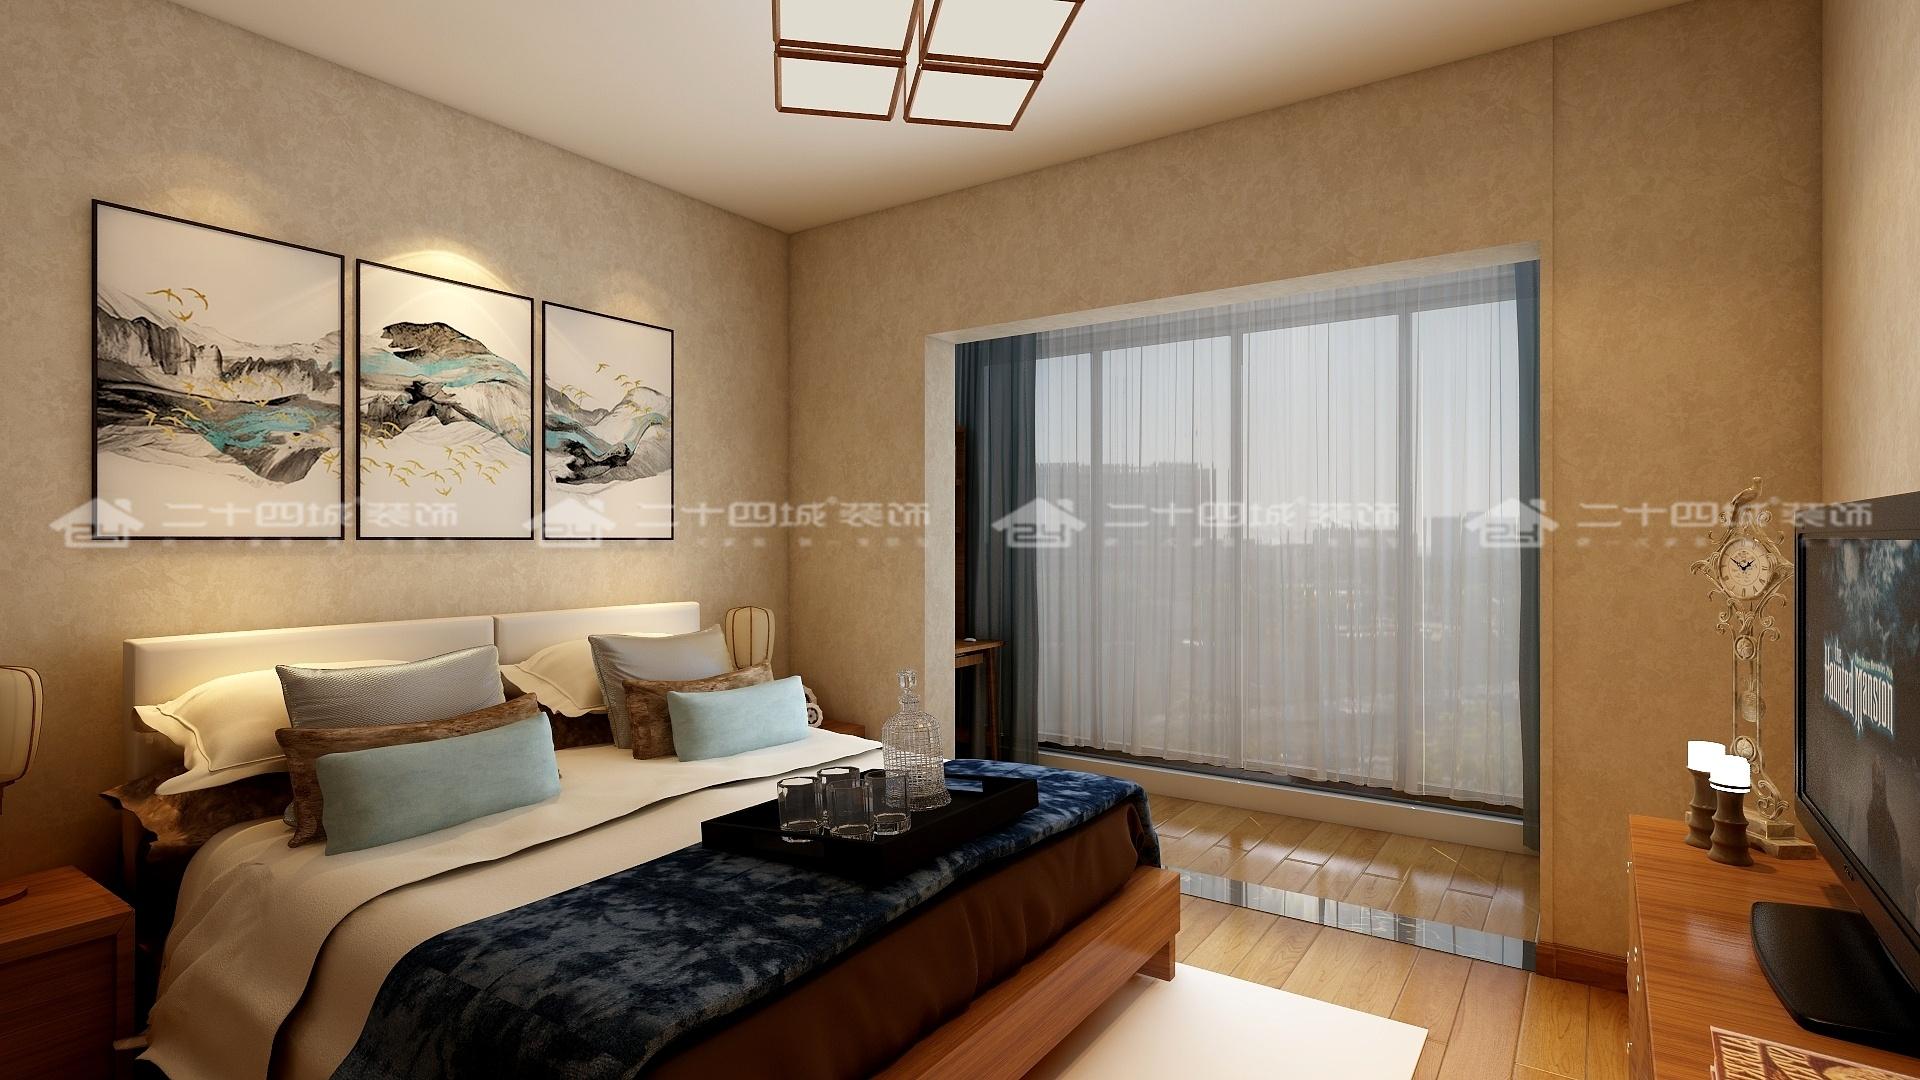 中式 中式古韵 传统 温馨 新中式 新中式古典 舒适 小资 混搭 卧室图片来自二十四城装饰(集团)昆明公司在斗南花田国际  中式的分享